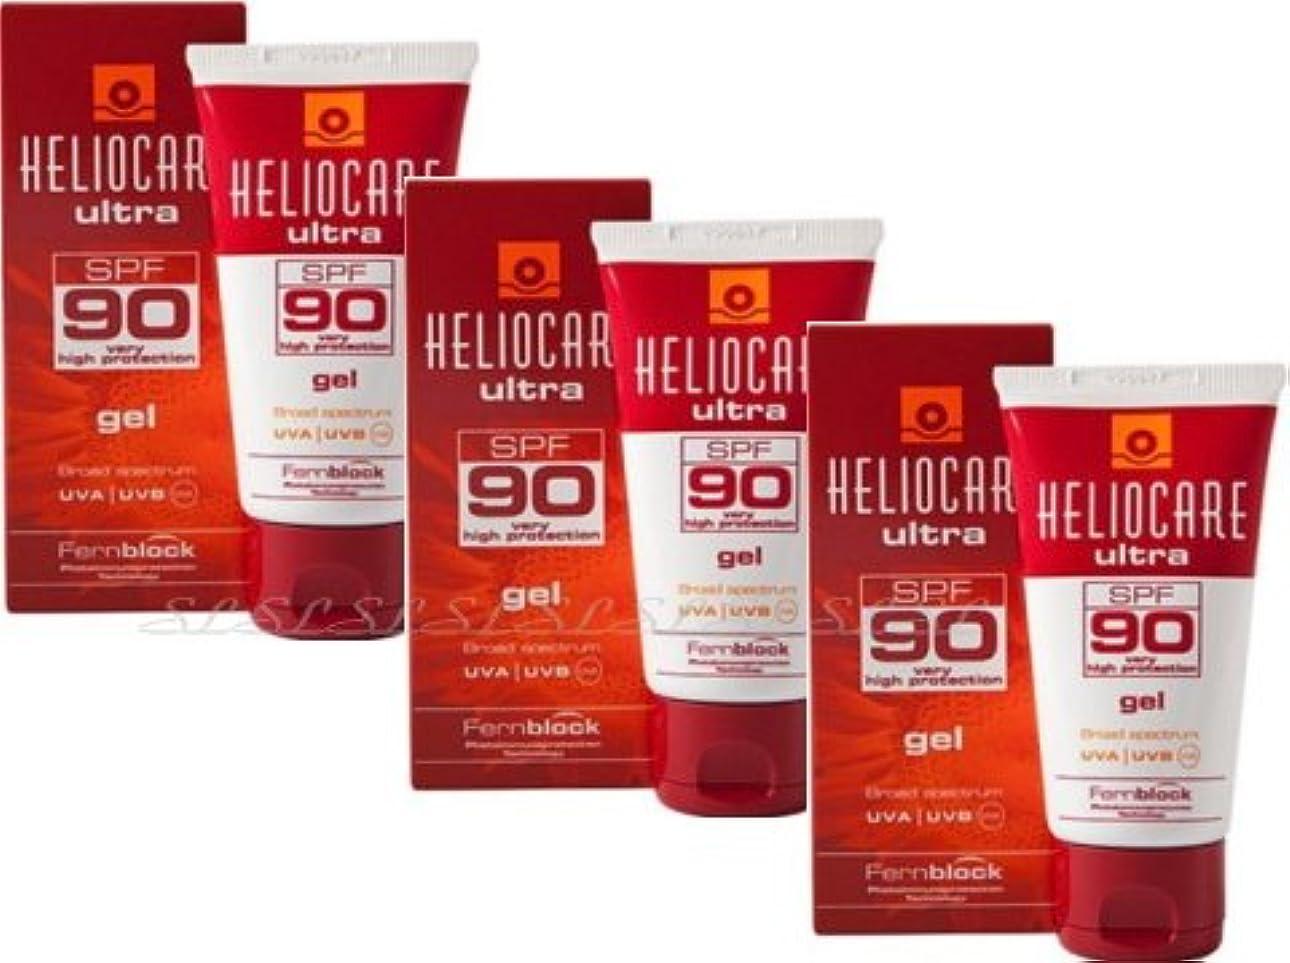 隙間繰り返した必要とする【3個セット】ヘリオケア サンスクリーン SPF50+ (SPF90相当) ジェルタイプ Heliocare [並行輸入品][海外直送品]